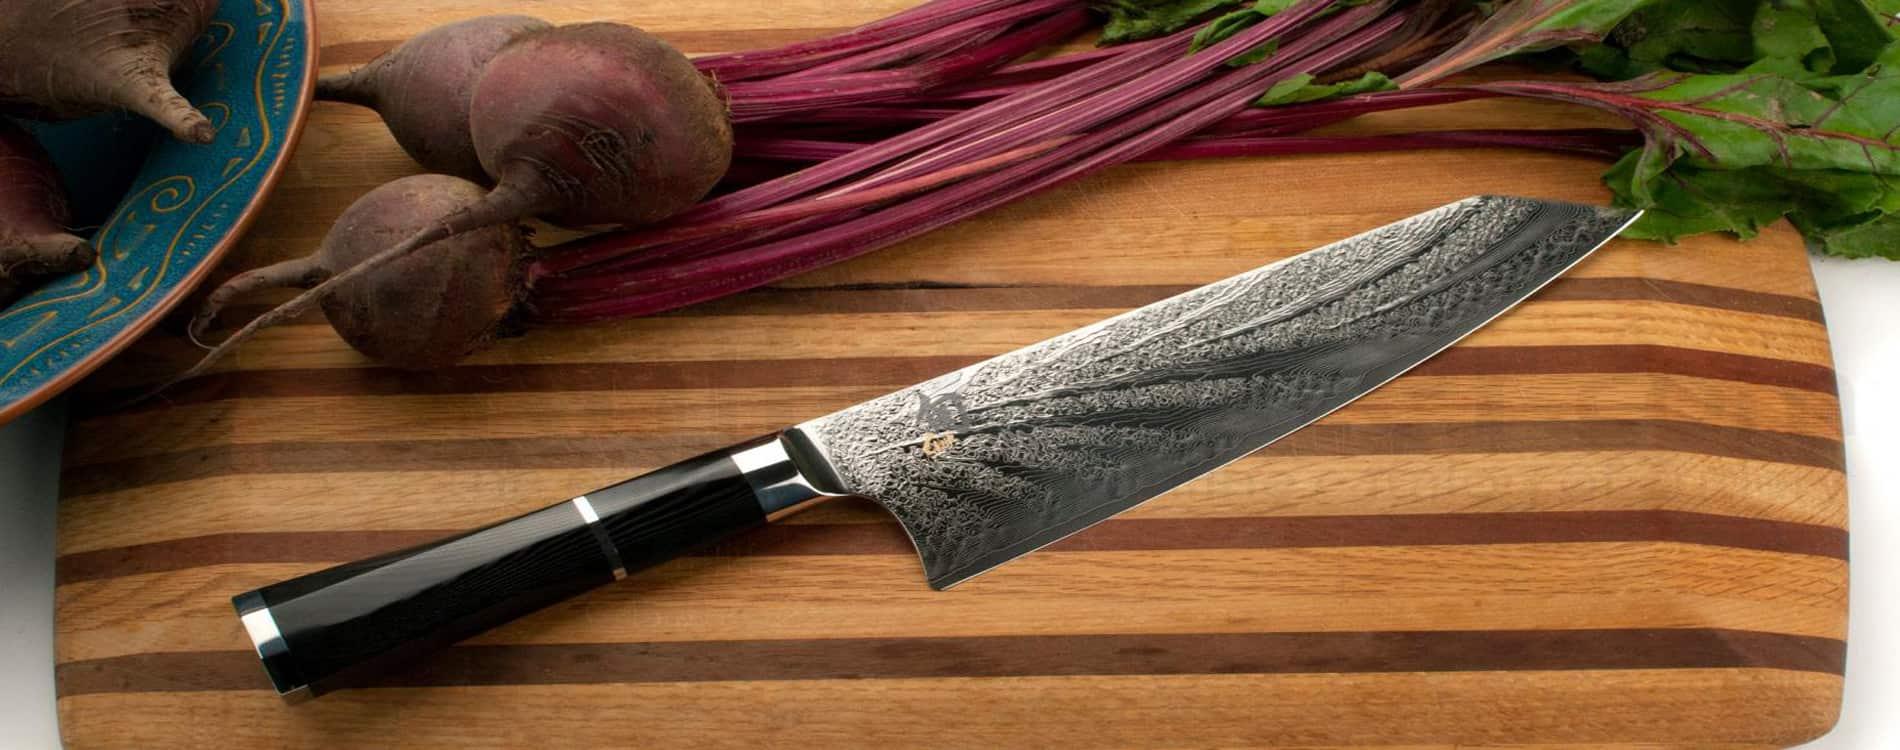 shun knives - Shun Knife